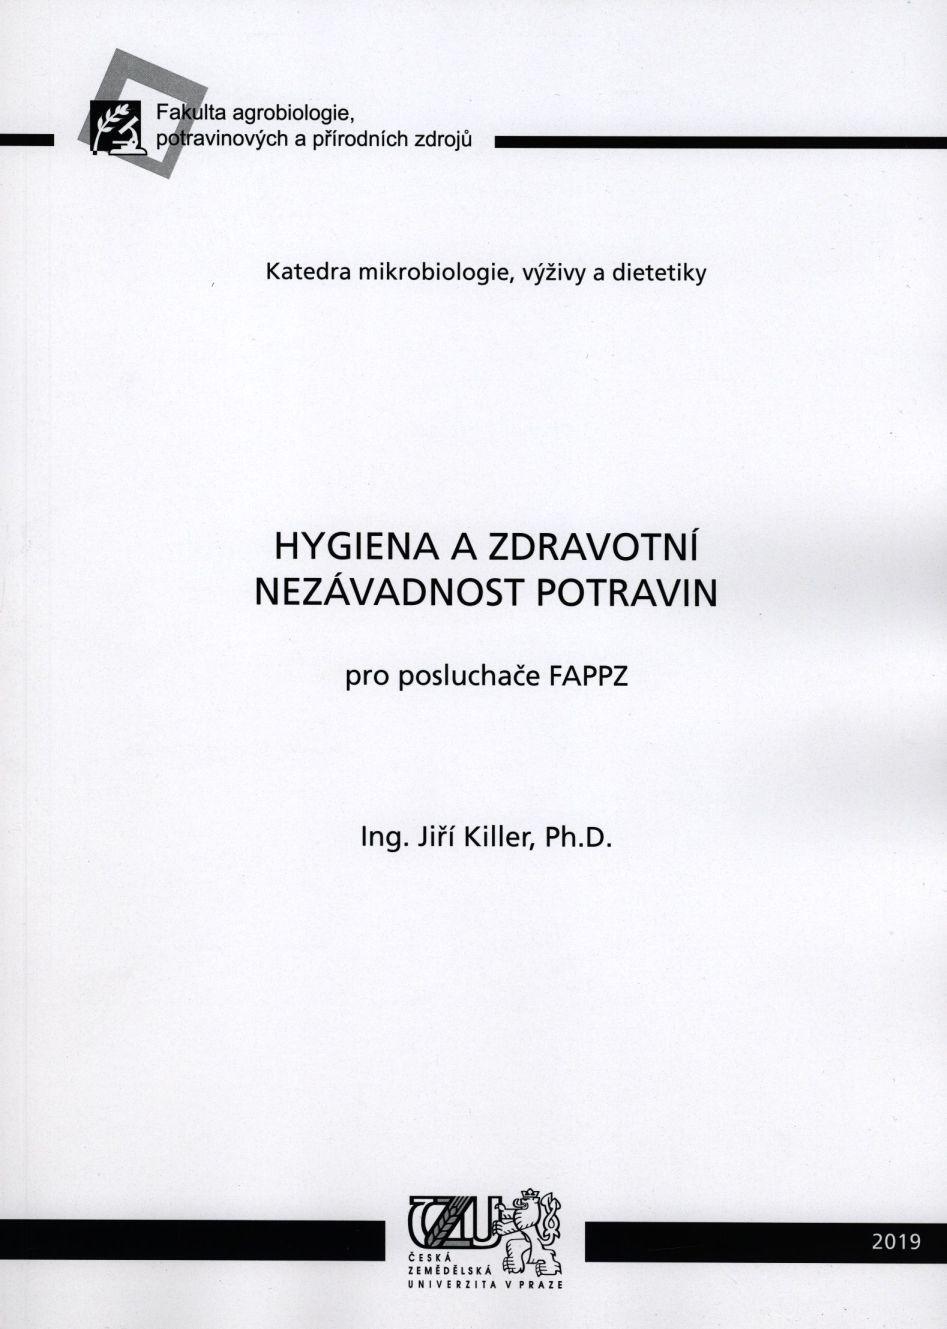 Hygiena a zdravotní nezávadnost potravin